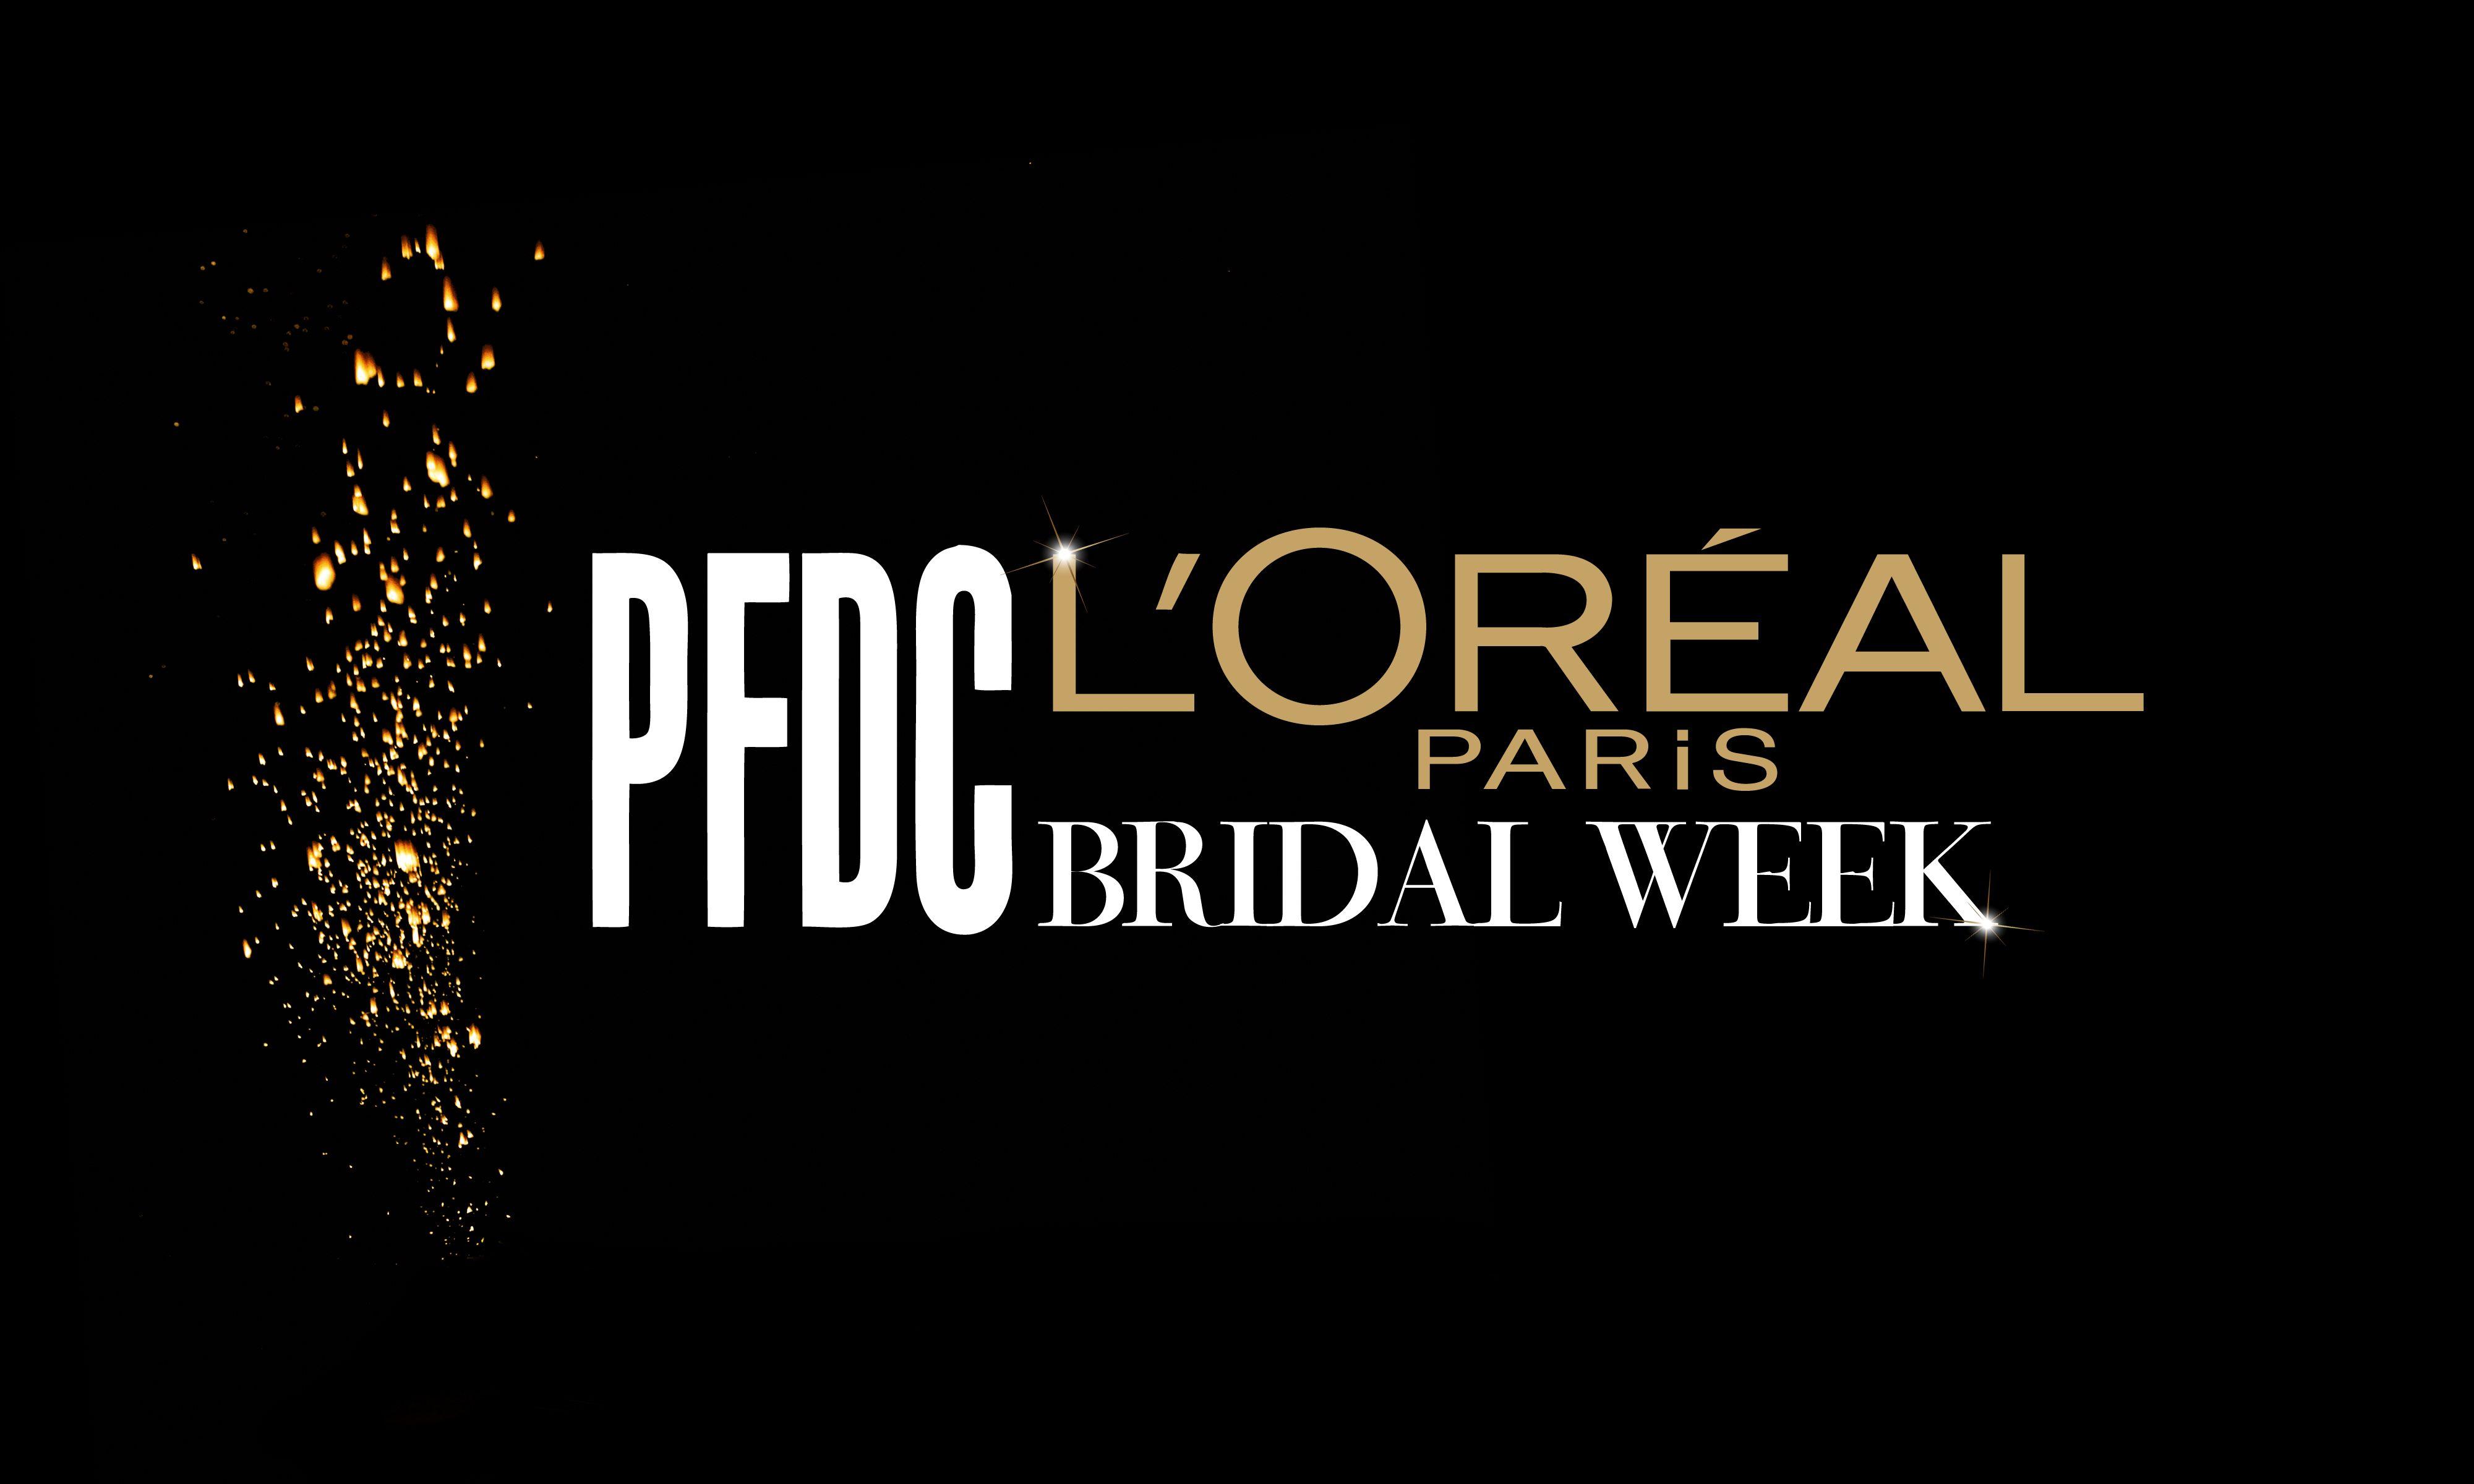 PFDC Loreal Paris Bridal Week 2013